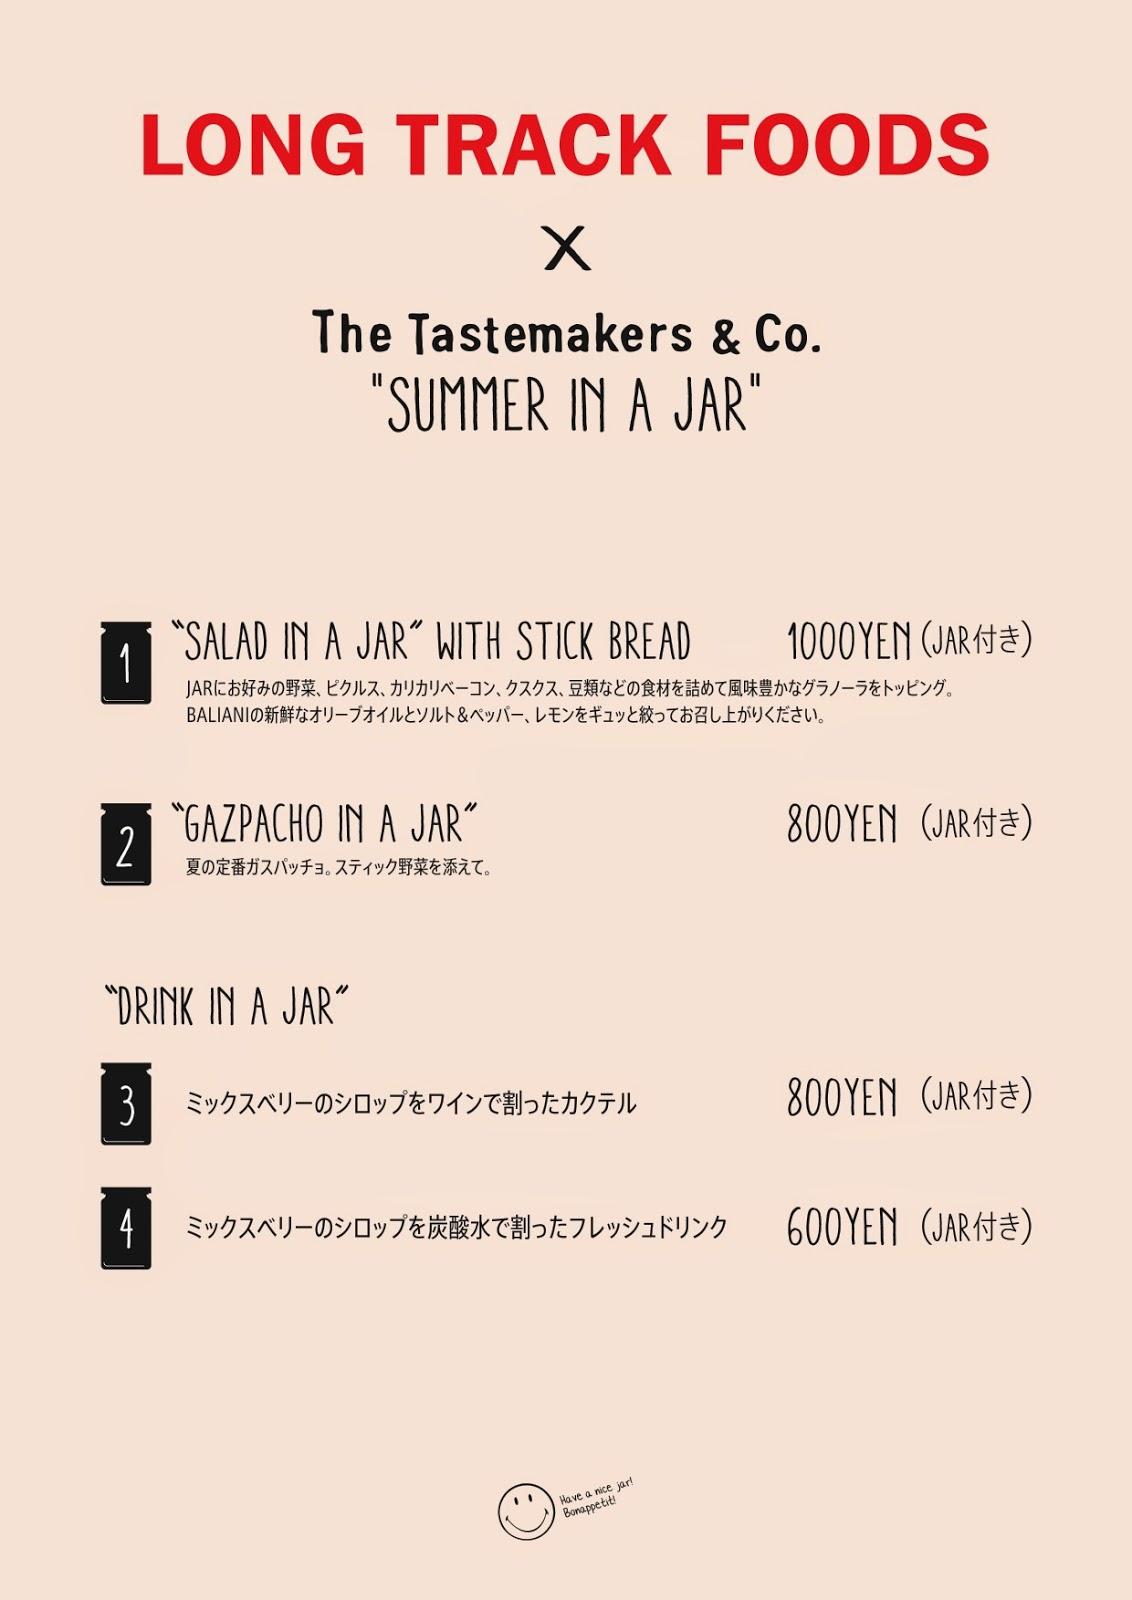 http://thetastemakersandco.com/summer_in_a_jar.html